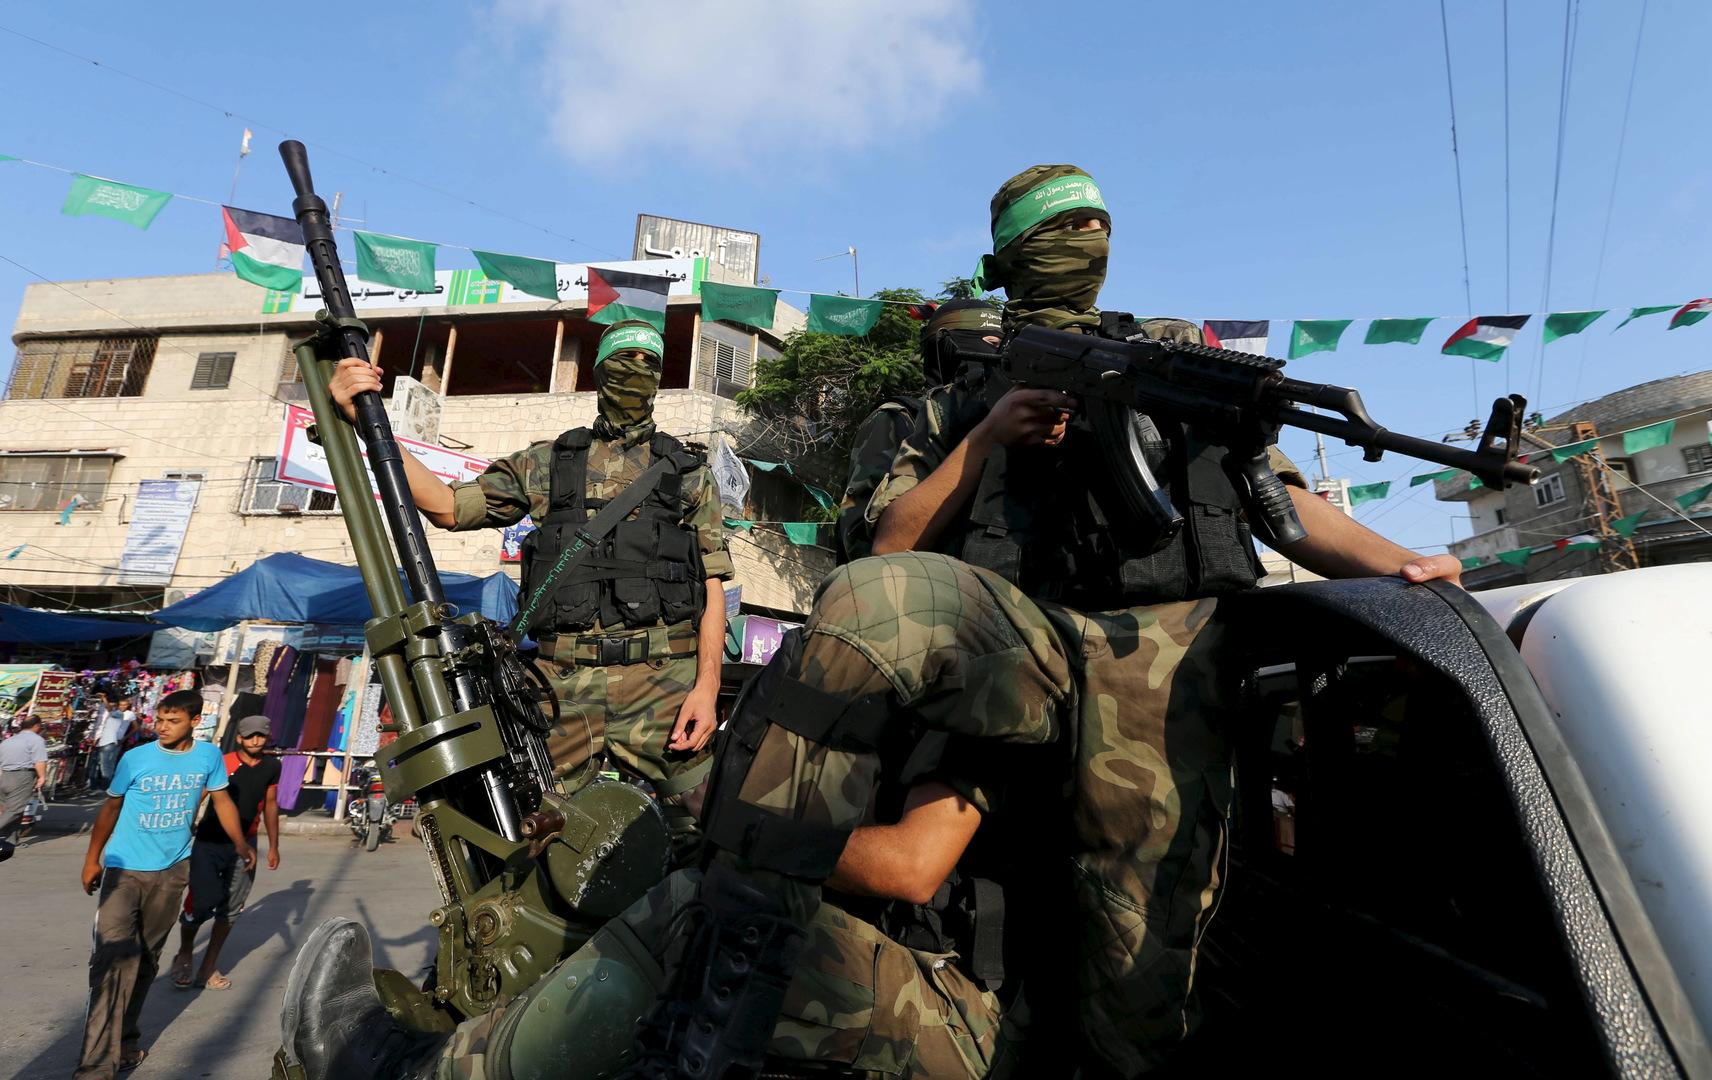 والدا الأسيرين الإسرائيليين الأحياء في غزة ينفيان أن يكون ما بثته